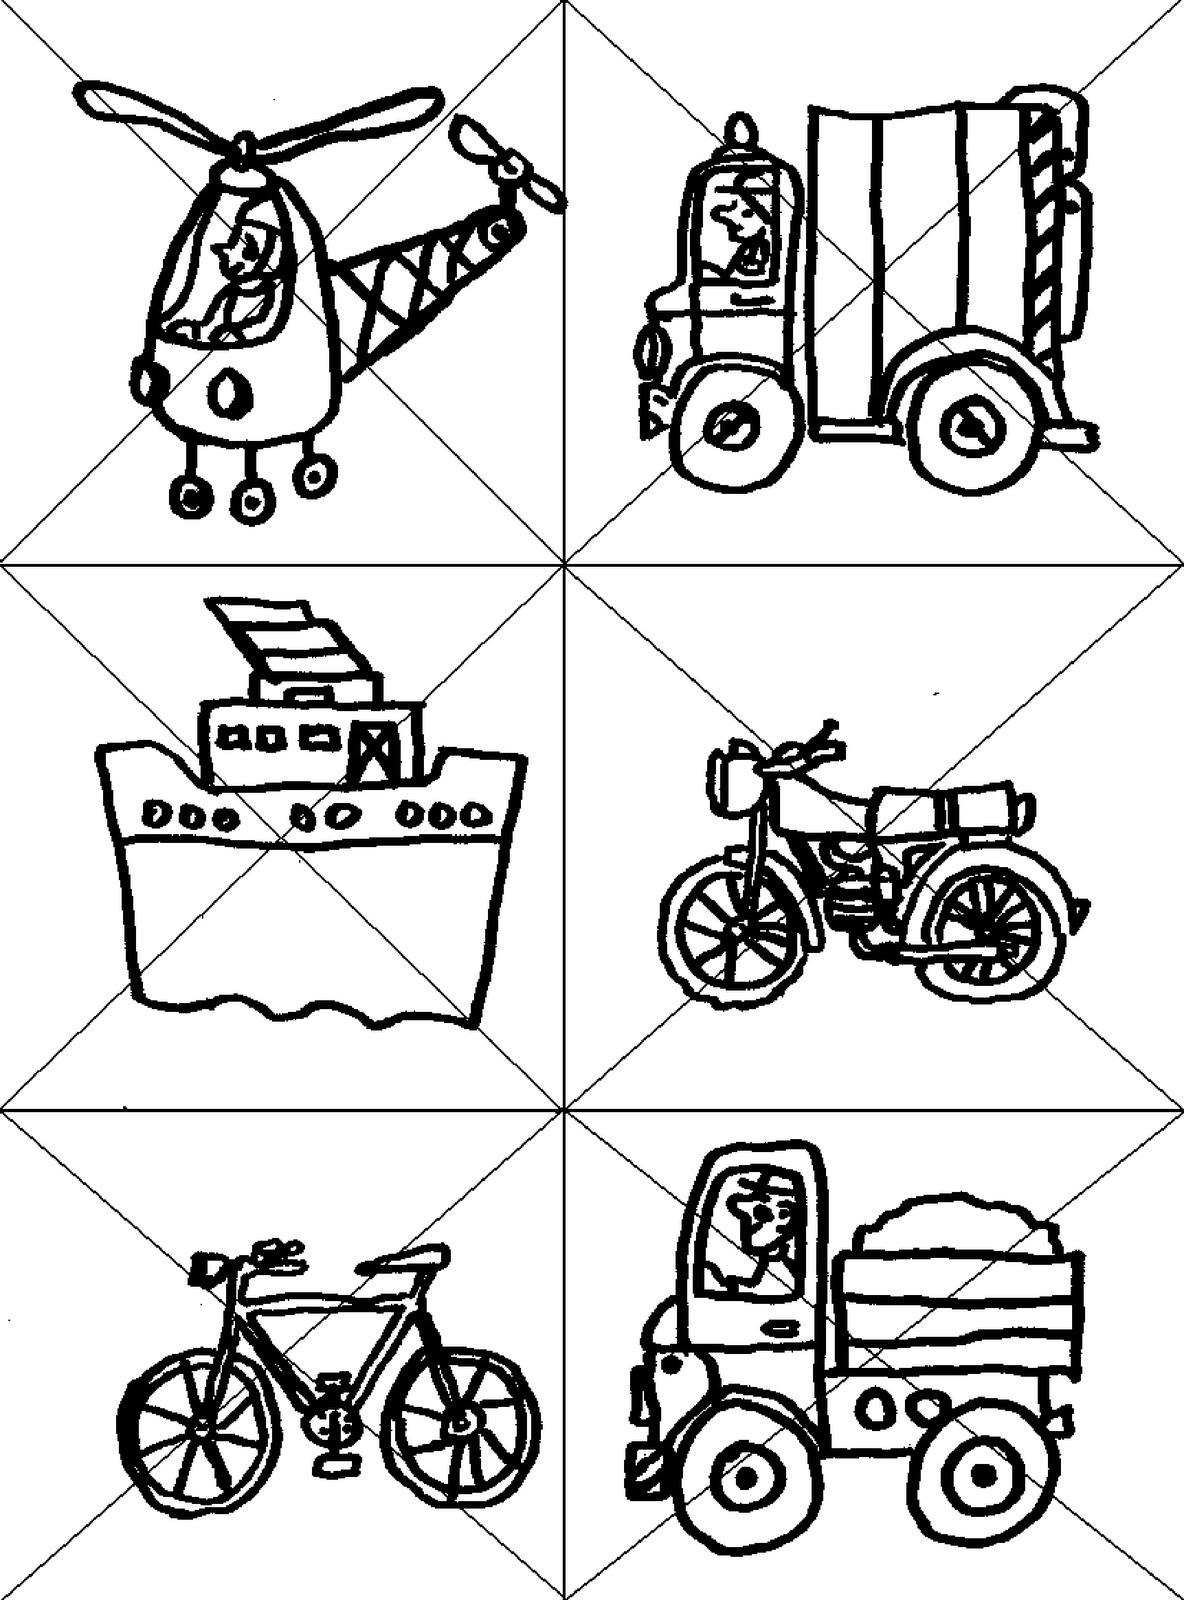 Disegni Da Ritagliare E Ricomporre Veicoli Elicottero Bici